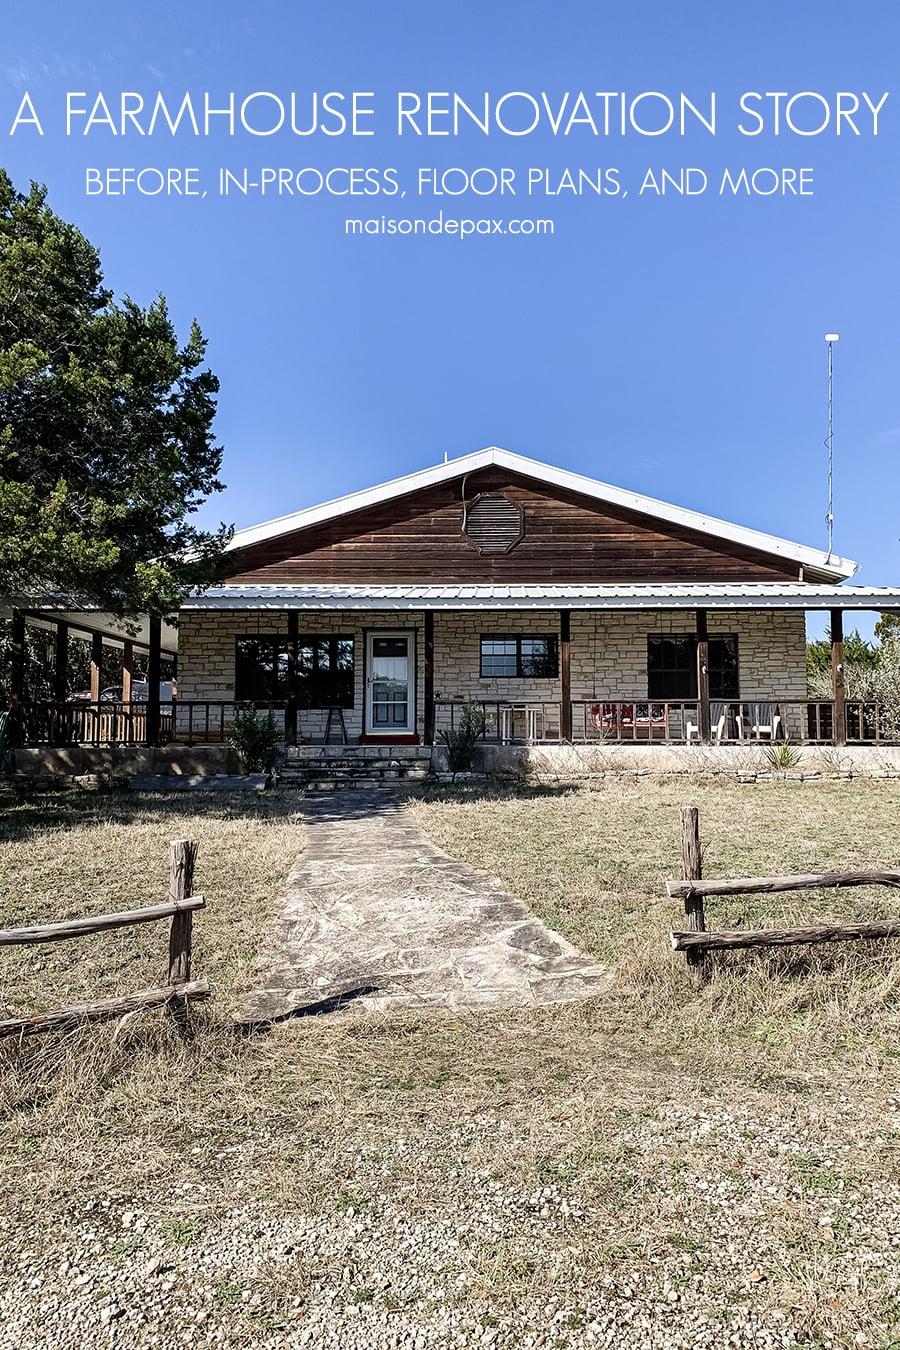 texas ranch house facade and split rail fence | Maison de Pax